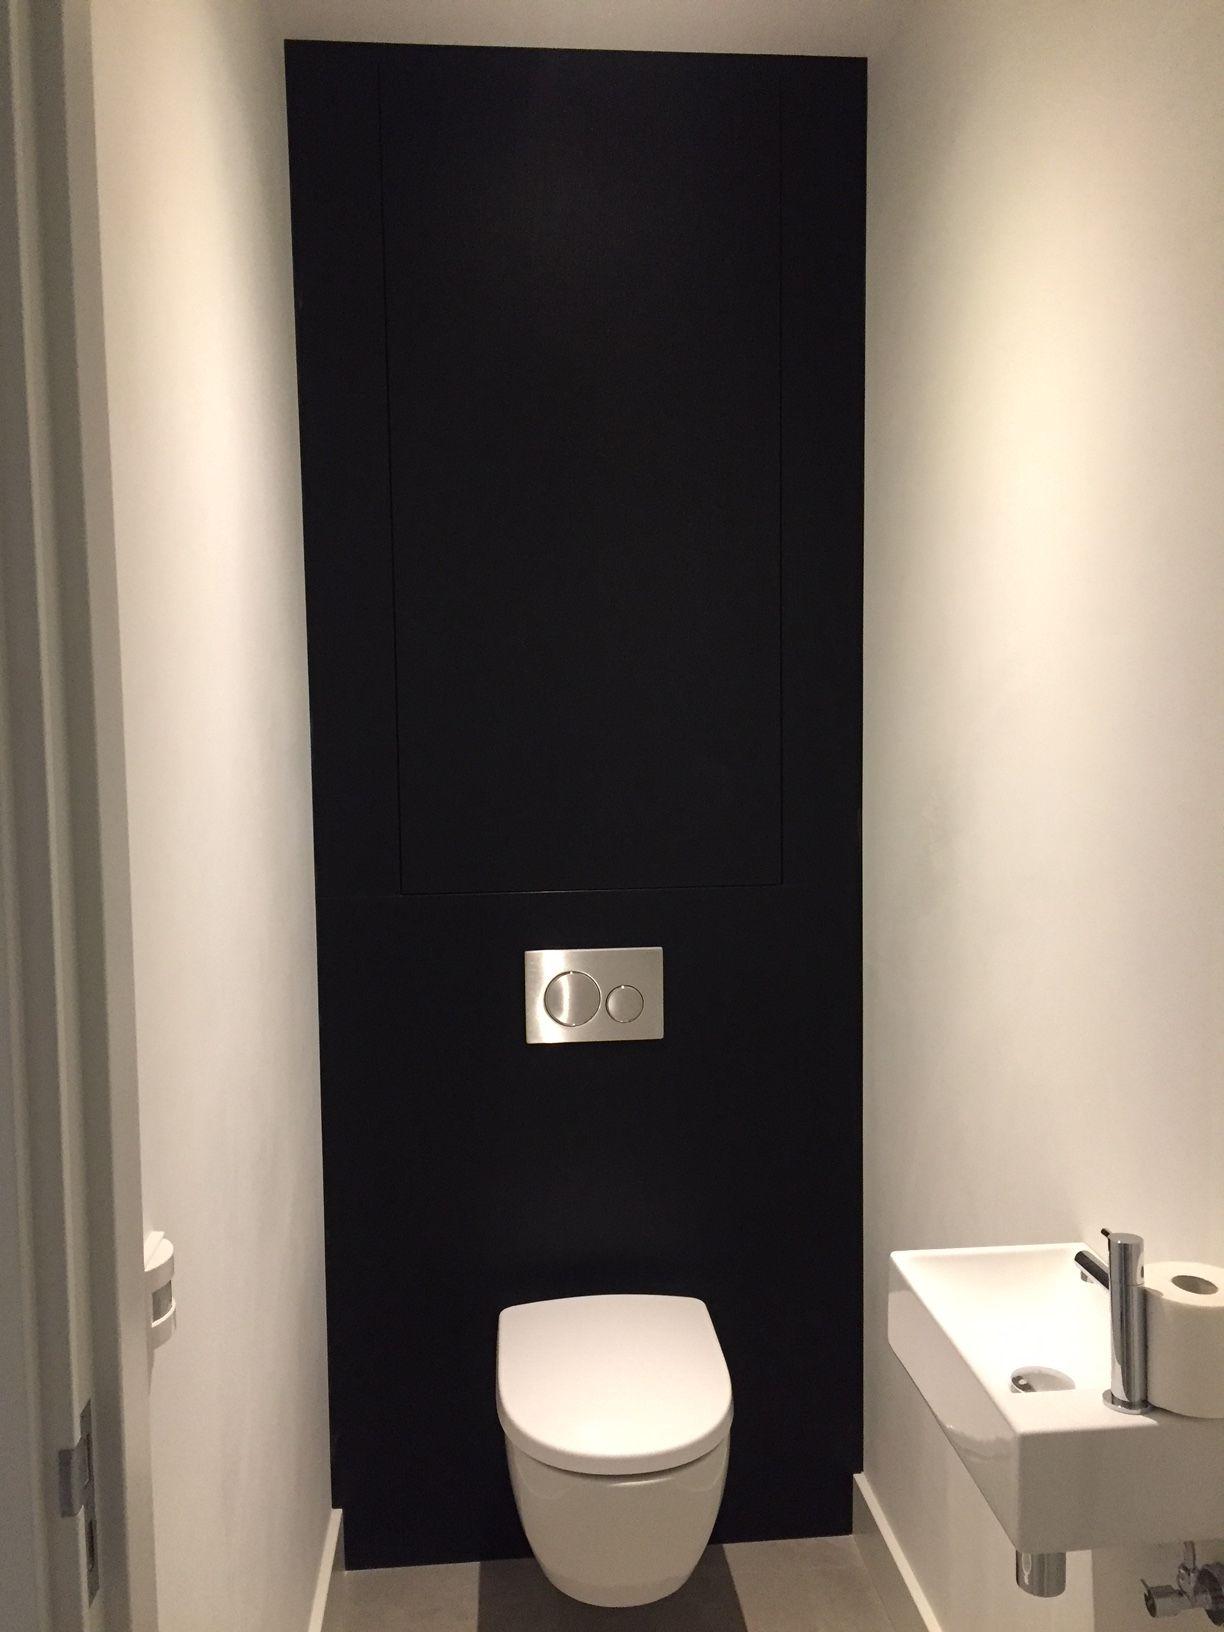 Achterwand Toilet Met Bergruimte Toilet Ontwerp Wc Inrichting Toilet